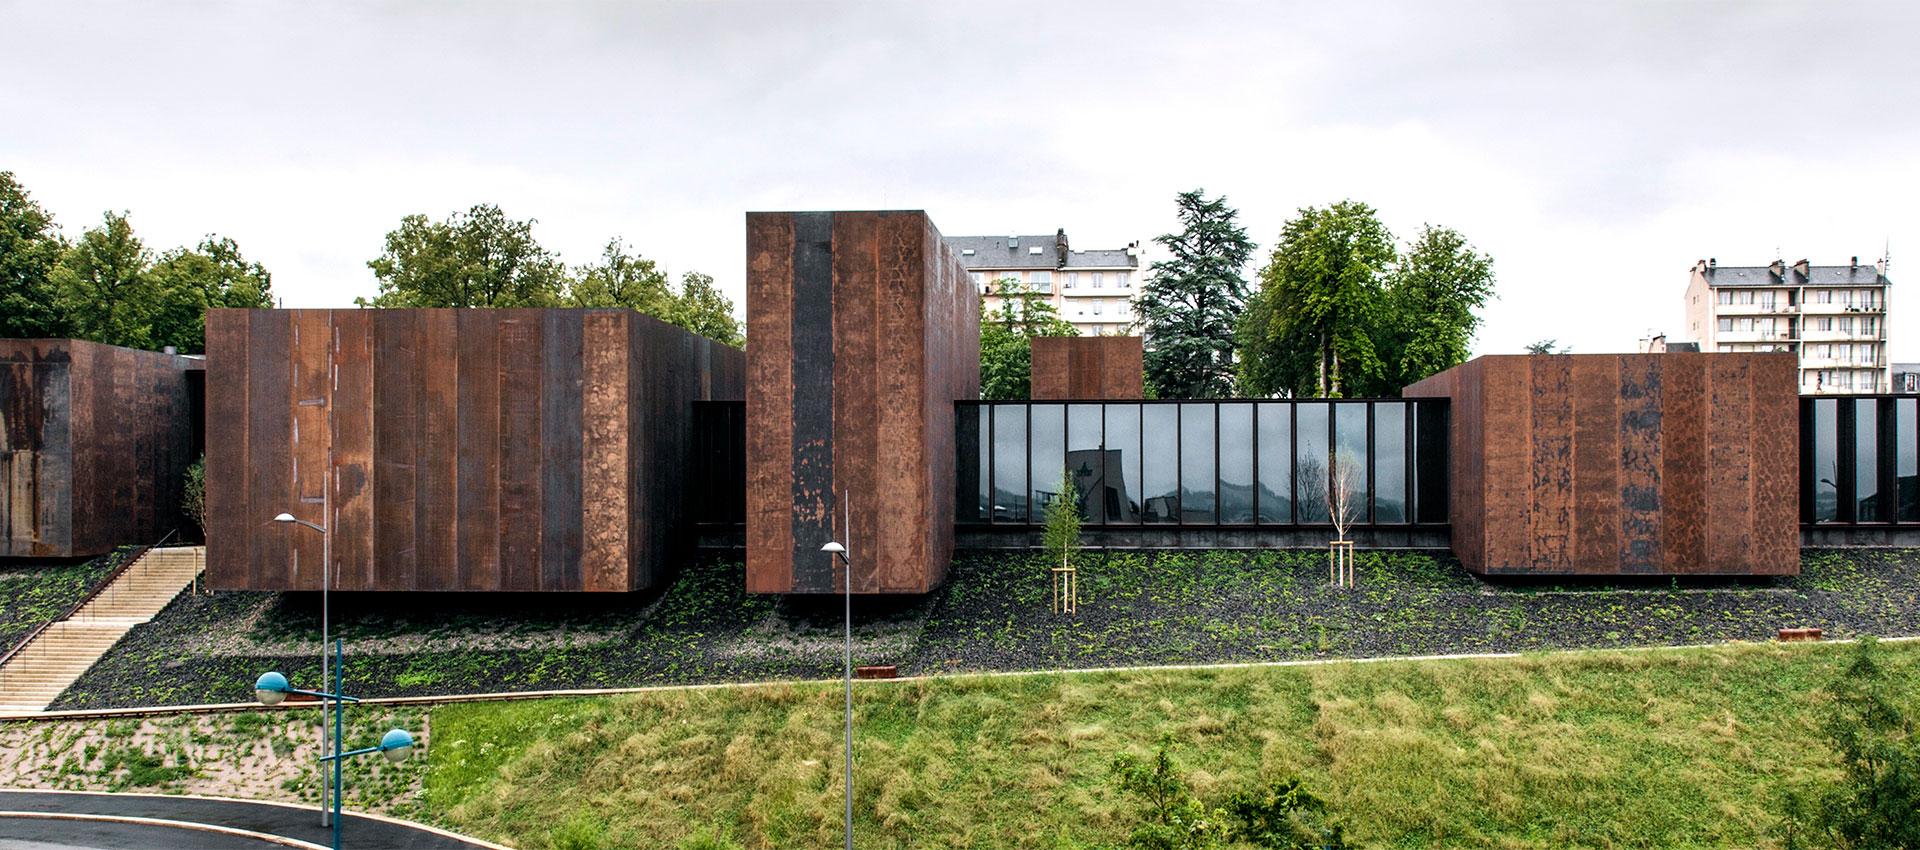 Rafael Aranda, Carme Pigem y Ramon Vilalta, Ganadores del Premio Pritzker de Arquitectura 2017. Imagen © Hisao Suzuki. Cortesía del Premio Pritzker